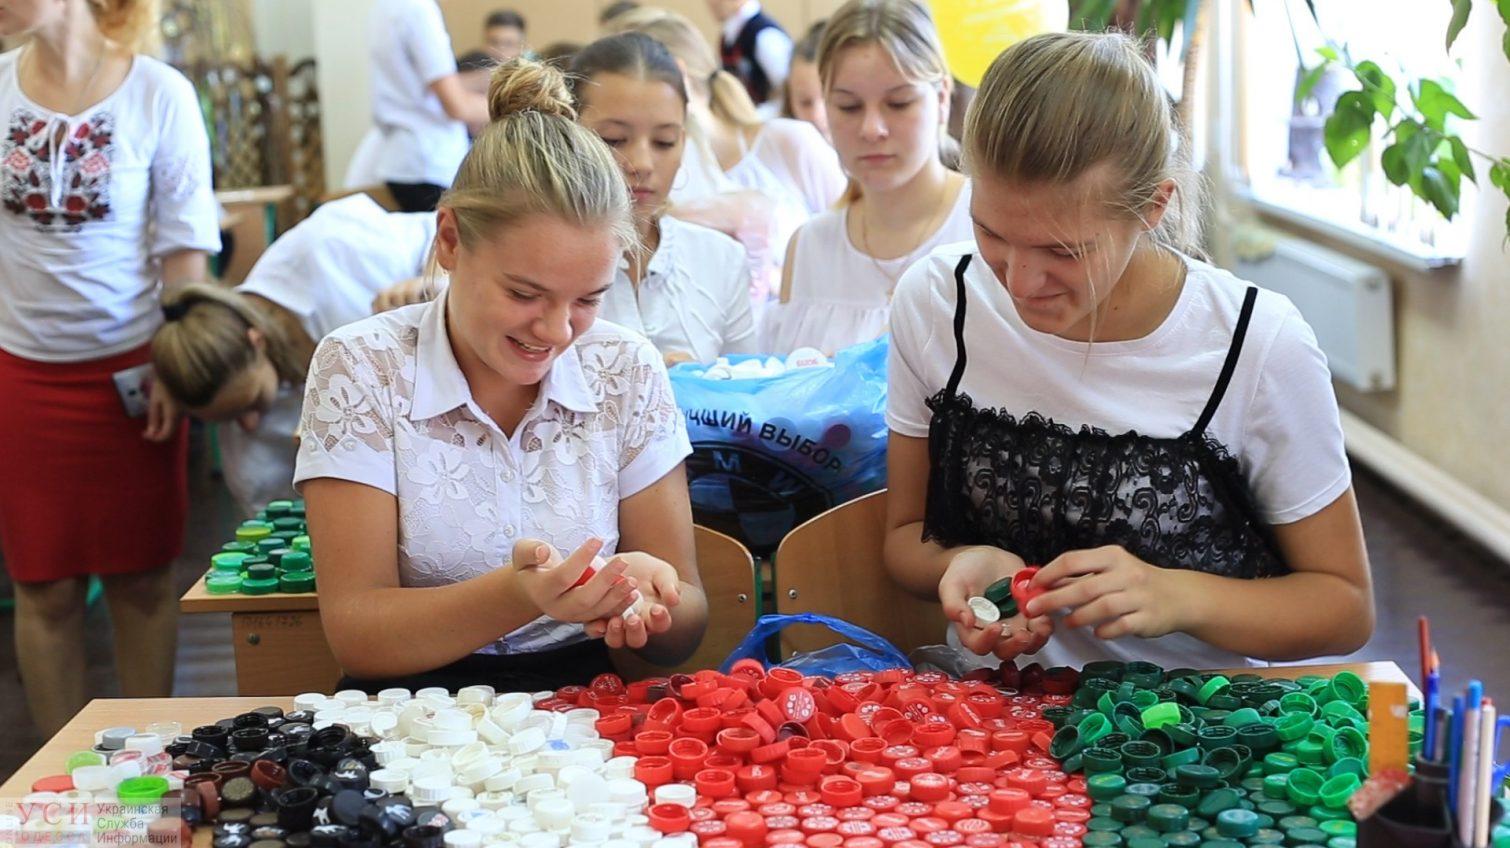 Эко — рекордсмены: в селе под Одессой дети хотят установить мировой рекорд и создают гигантскую инсталляцию из пластика (видео) «фото»